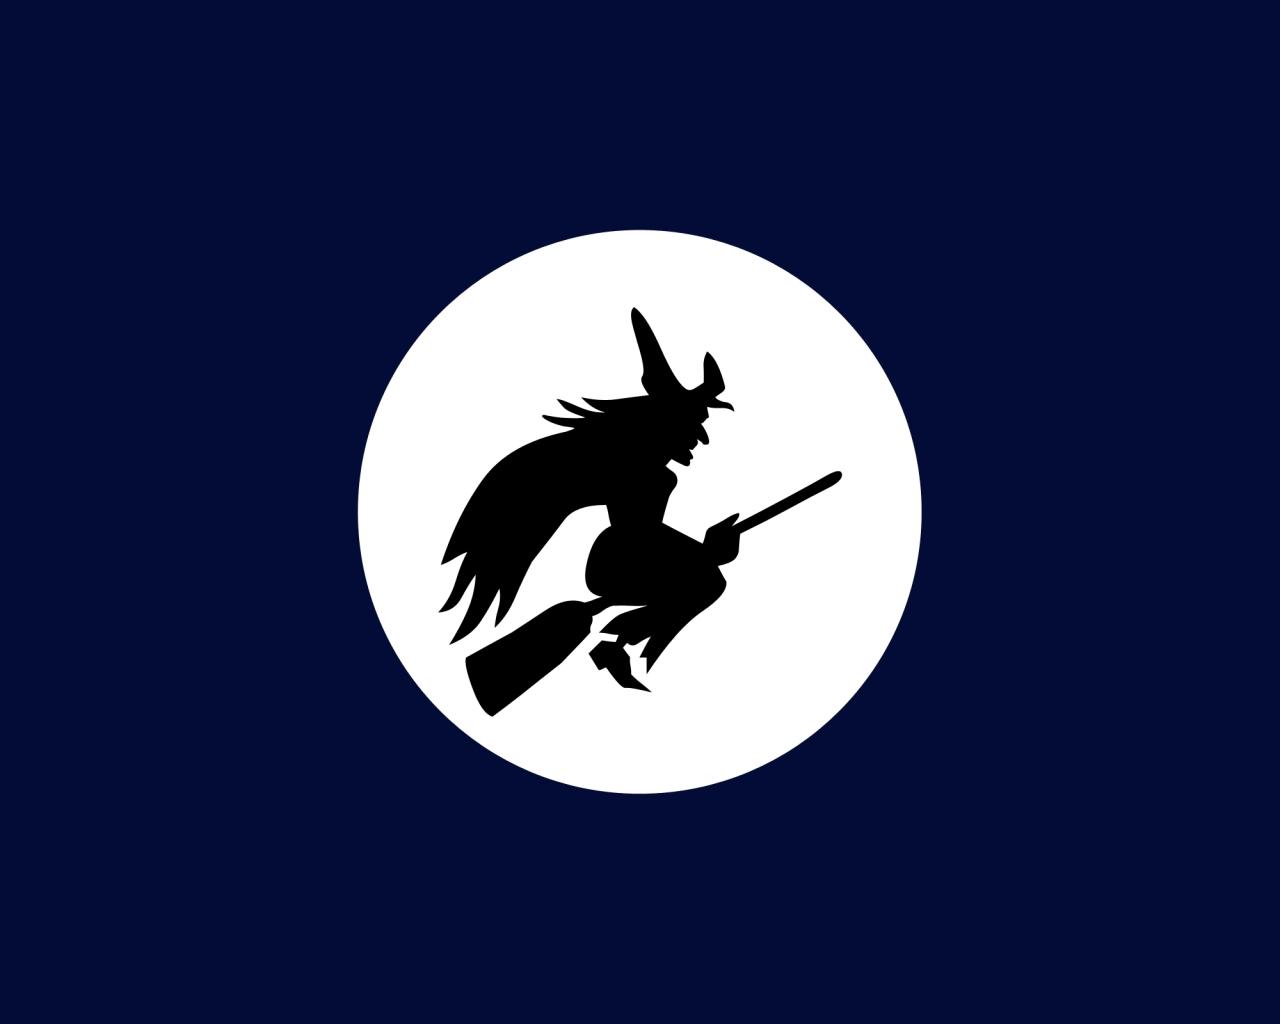 Bruja y luna llena - 1280x1024